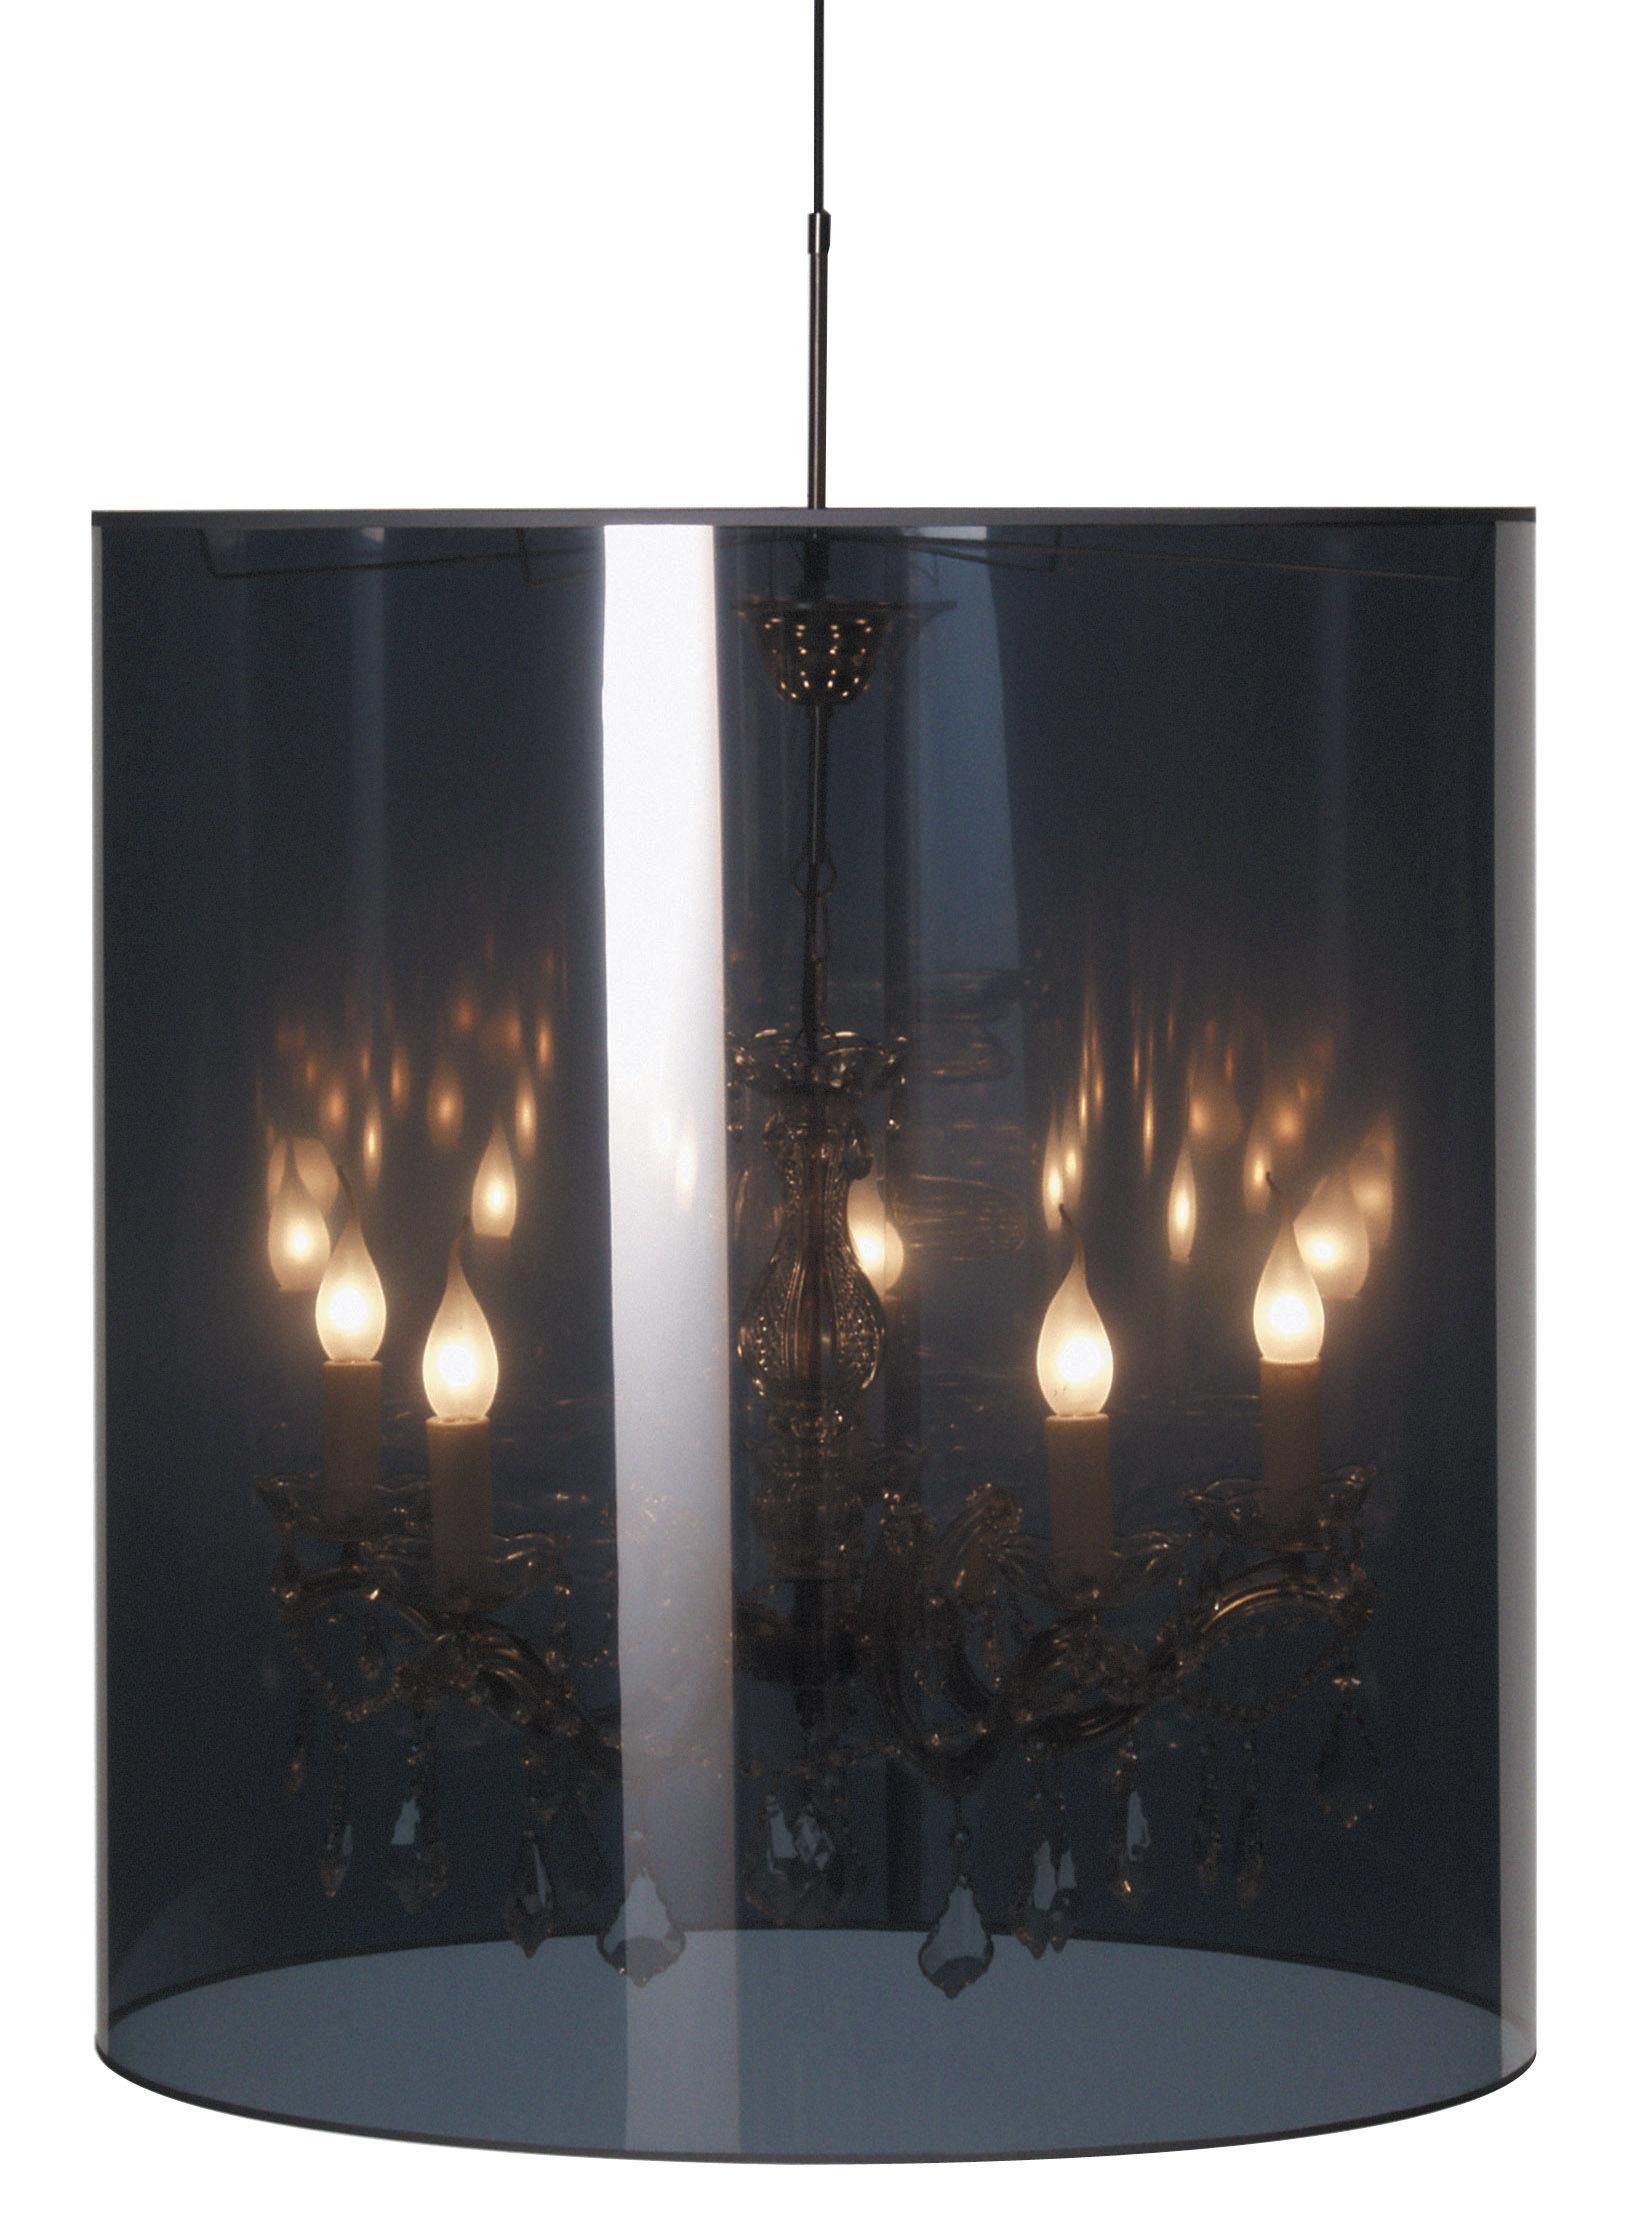 Leuchten - Pendelleuchten - Light Shade Shade Pendelleuchte Ø 70 cm - Moooi - Spiegel und gold - Ø 70 cm - Glas, Metall, Plastikmaterial